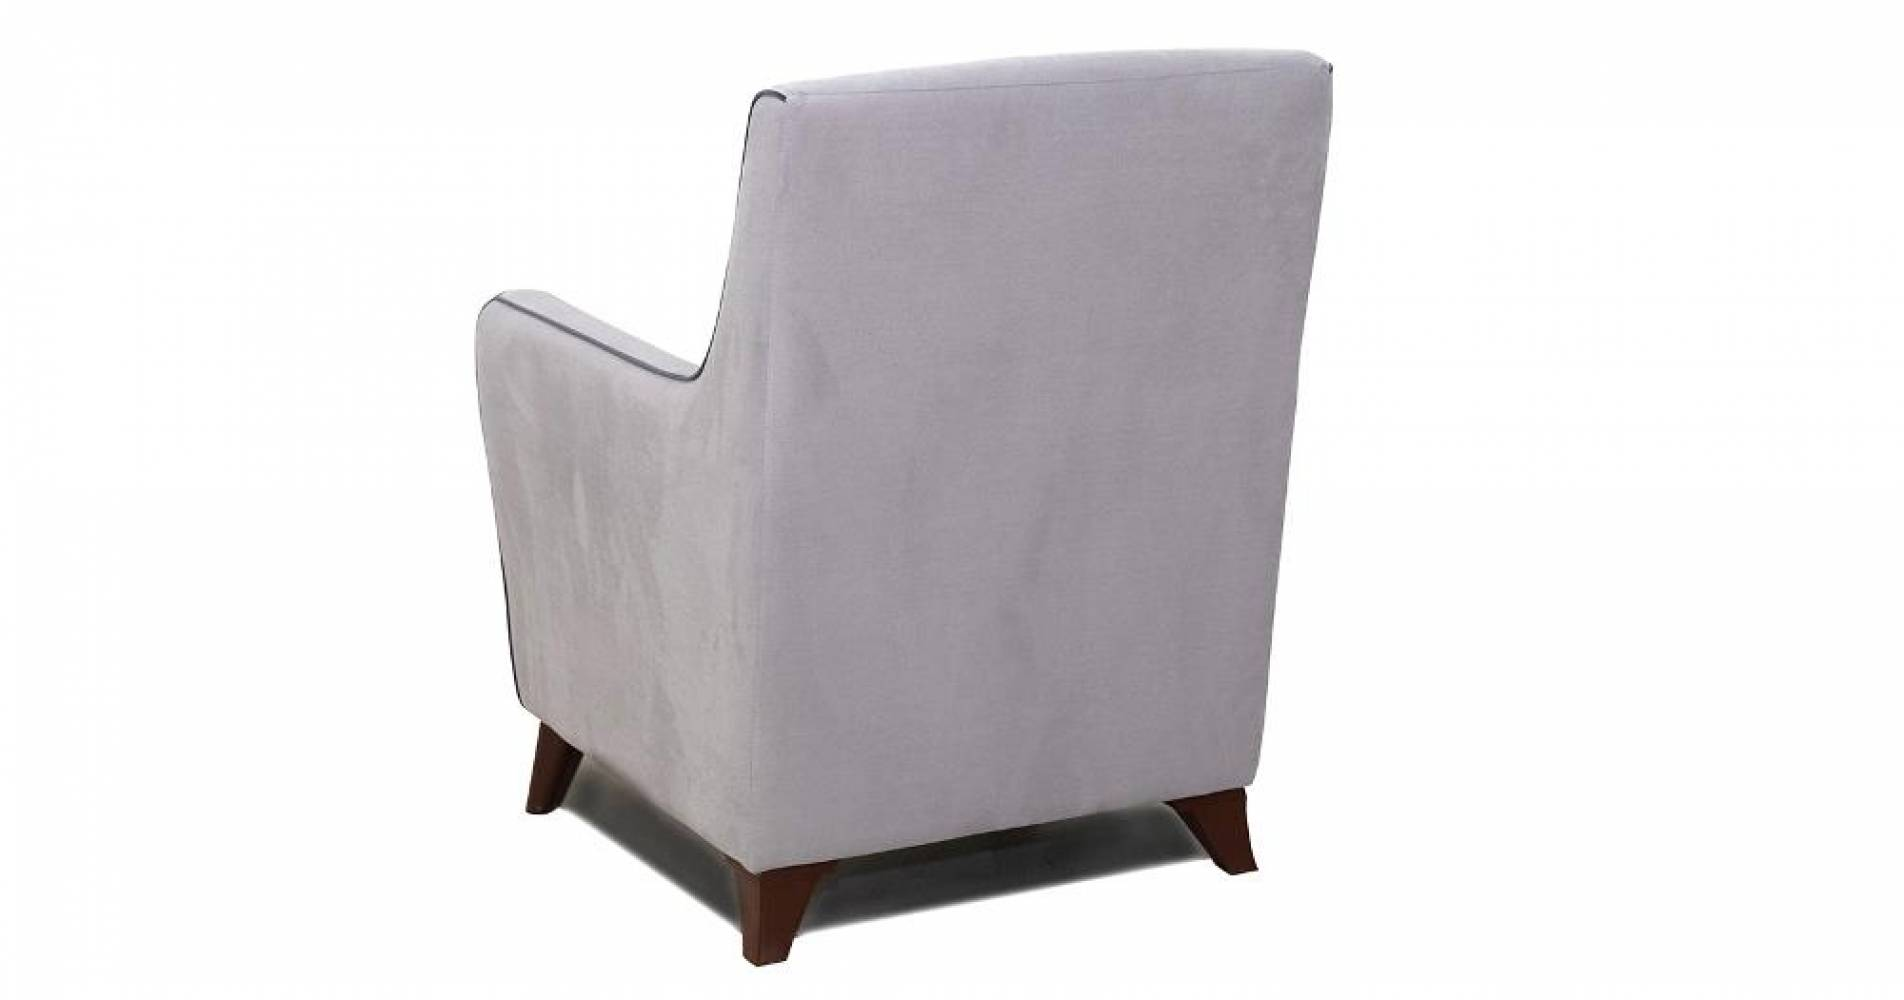 Кресло для отдыха ФРЕНСИС Арт. ТК 264 Нижегородмебель